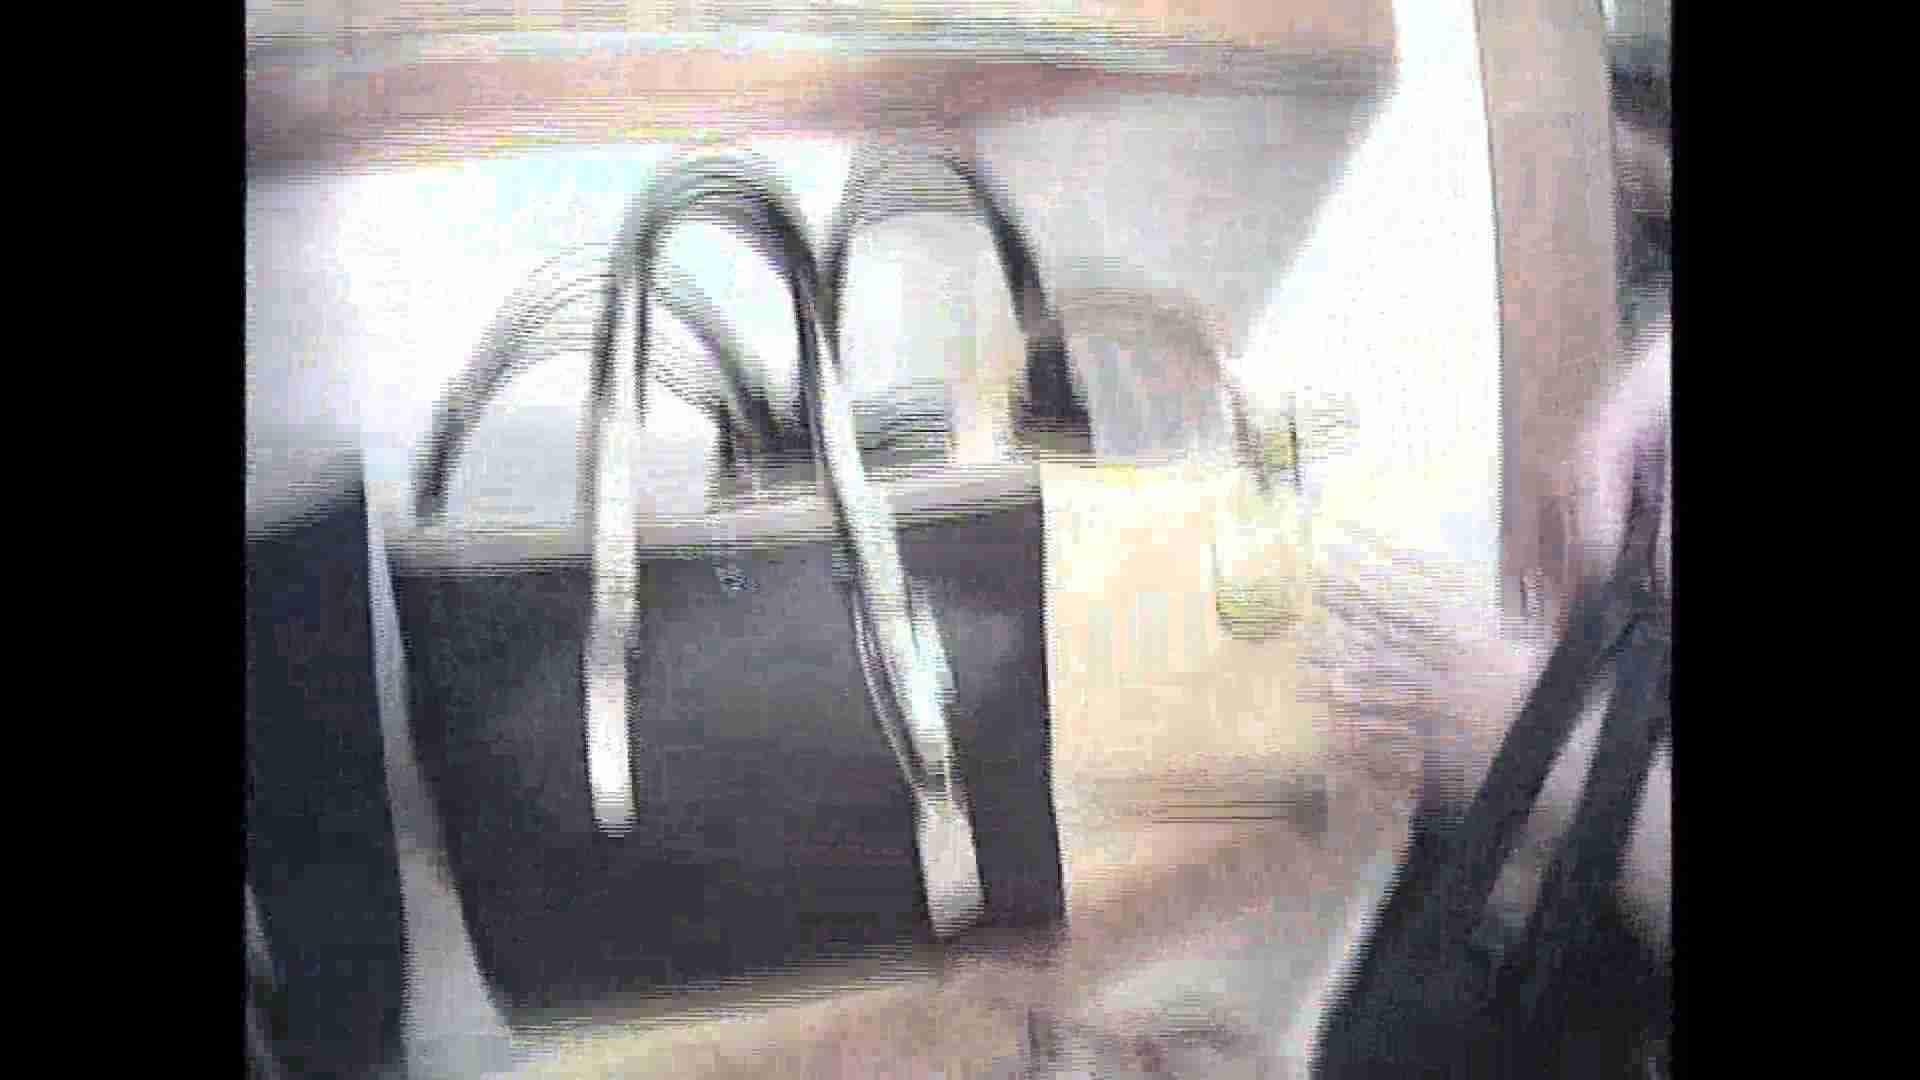 働く美女の谷間参拝 Vol.26 美女のヌード セックス無修正動画無料 102画像 91